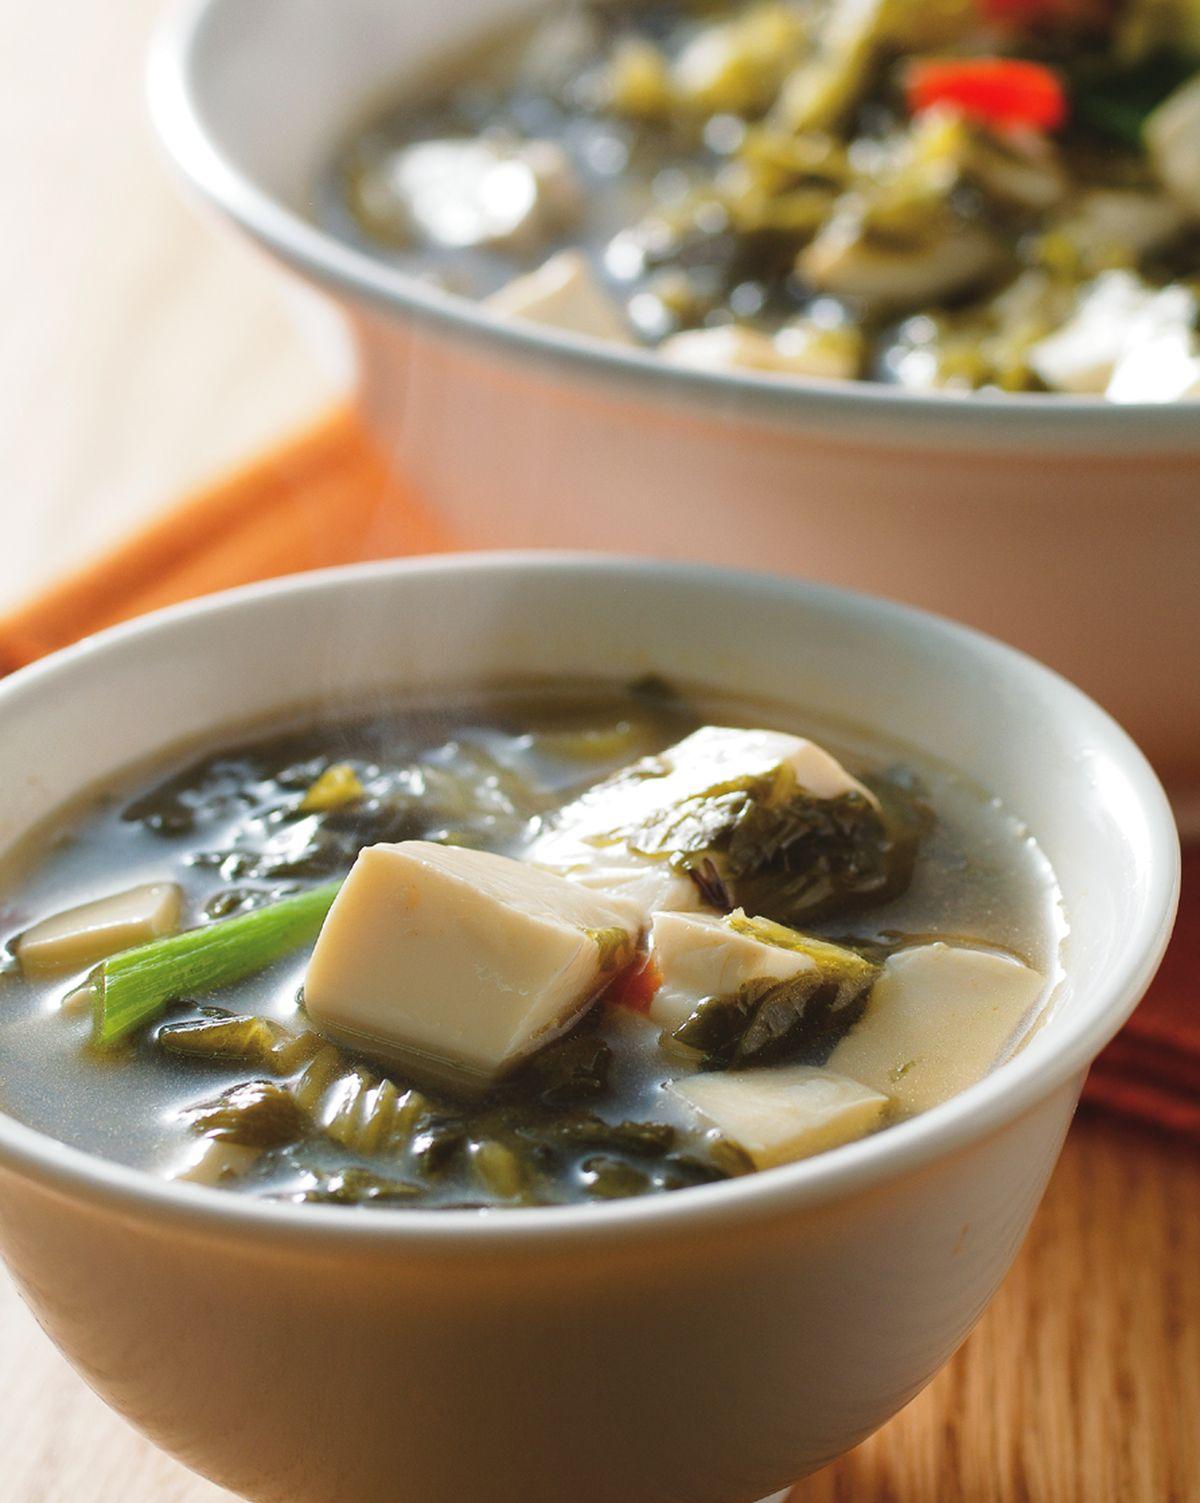 食譜:雪菜豆腐羹